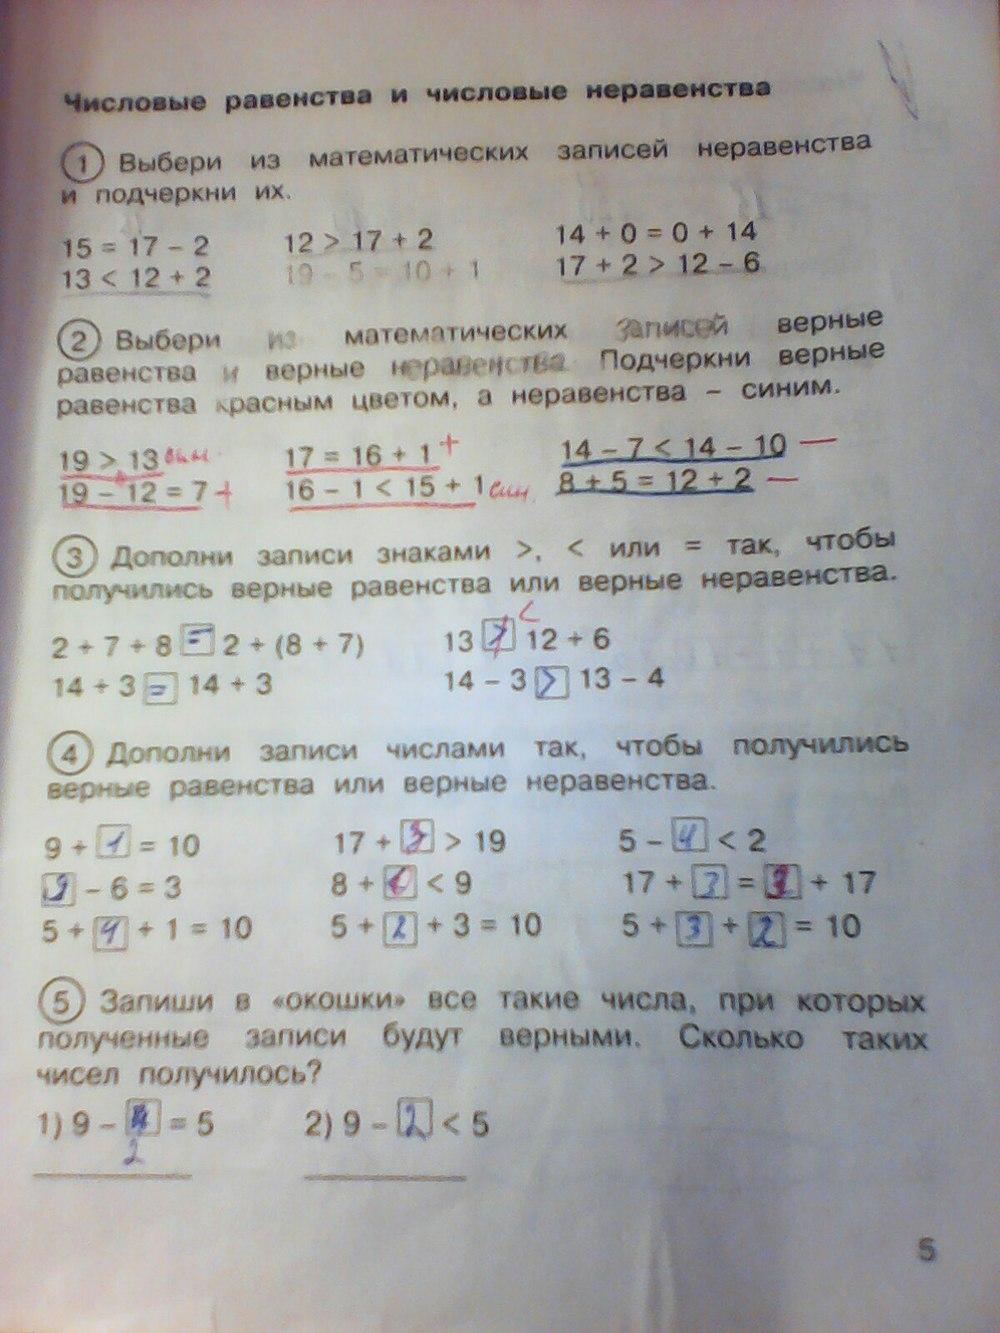 Гдз по математике 2 класс захарова юдина рабочая тетрадь